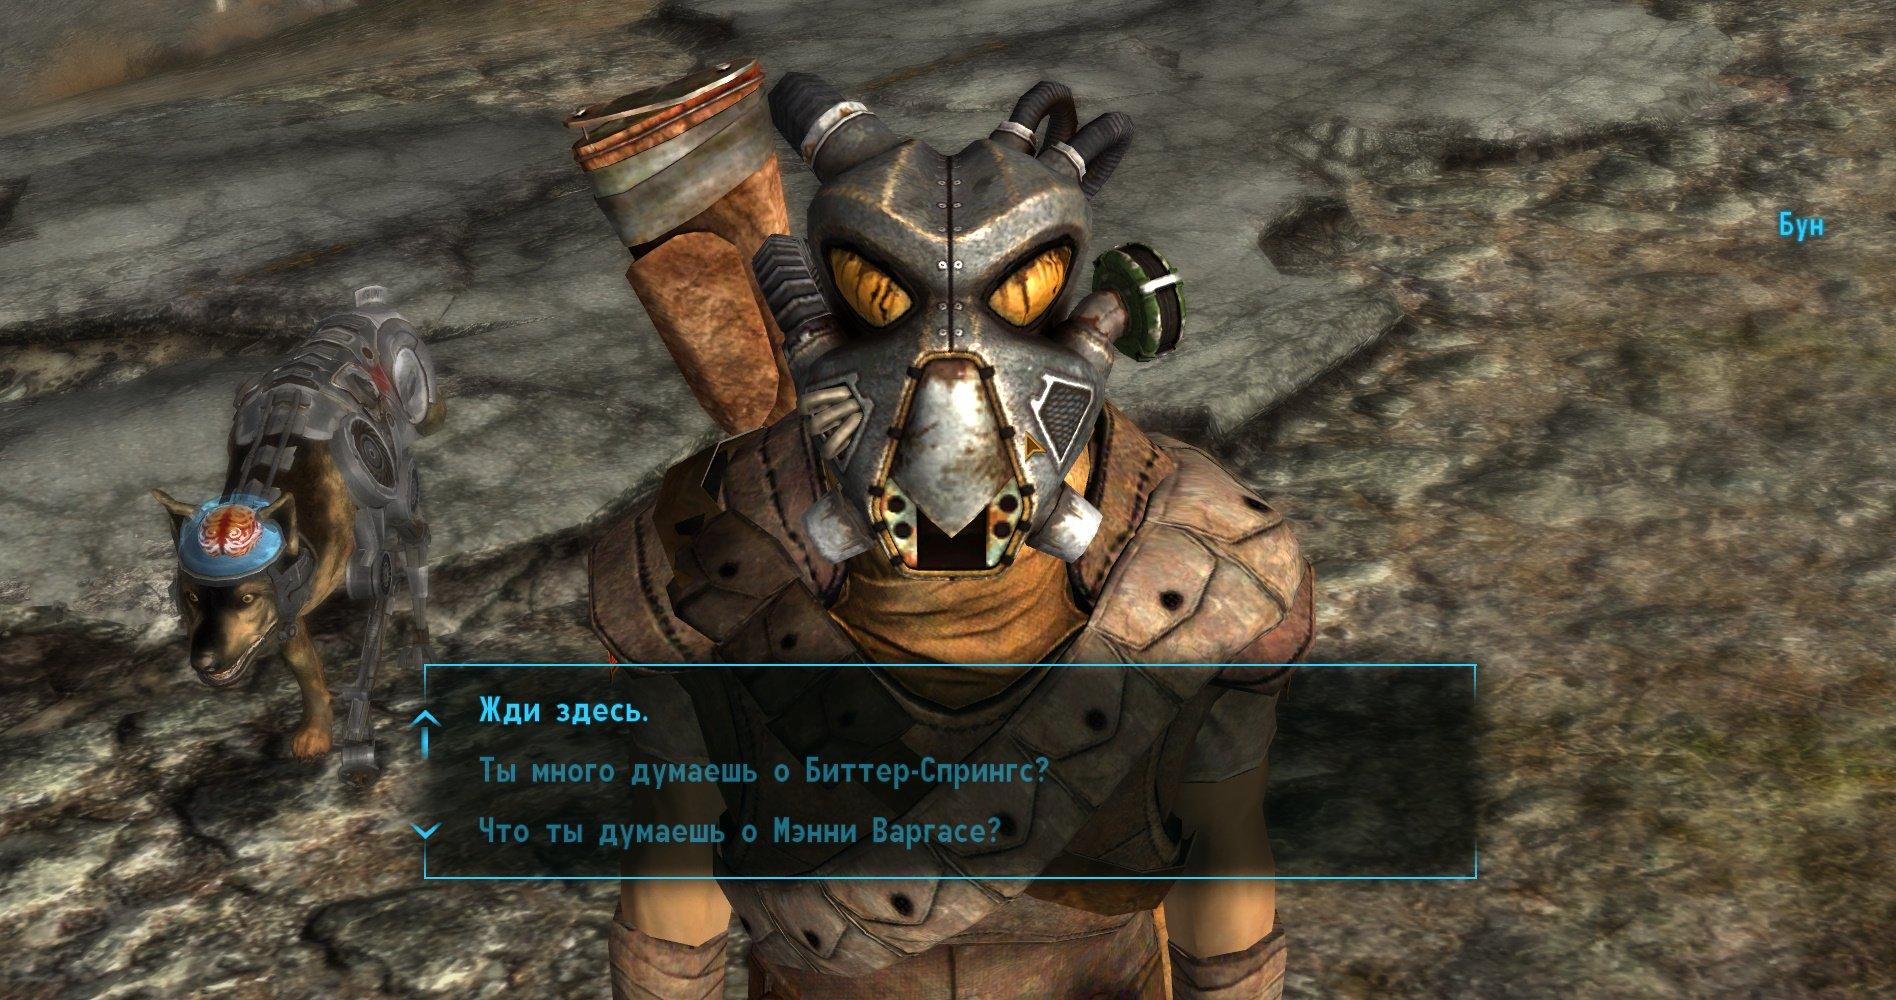 Сравнительный анализ (на самом деле нет) Fallout New Vegas vs. Fallout 4 (часть 1) - Изображение 11